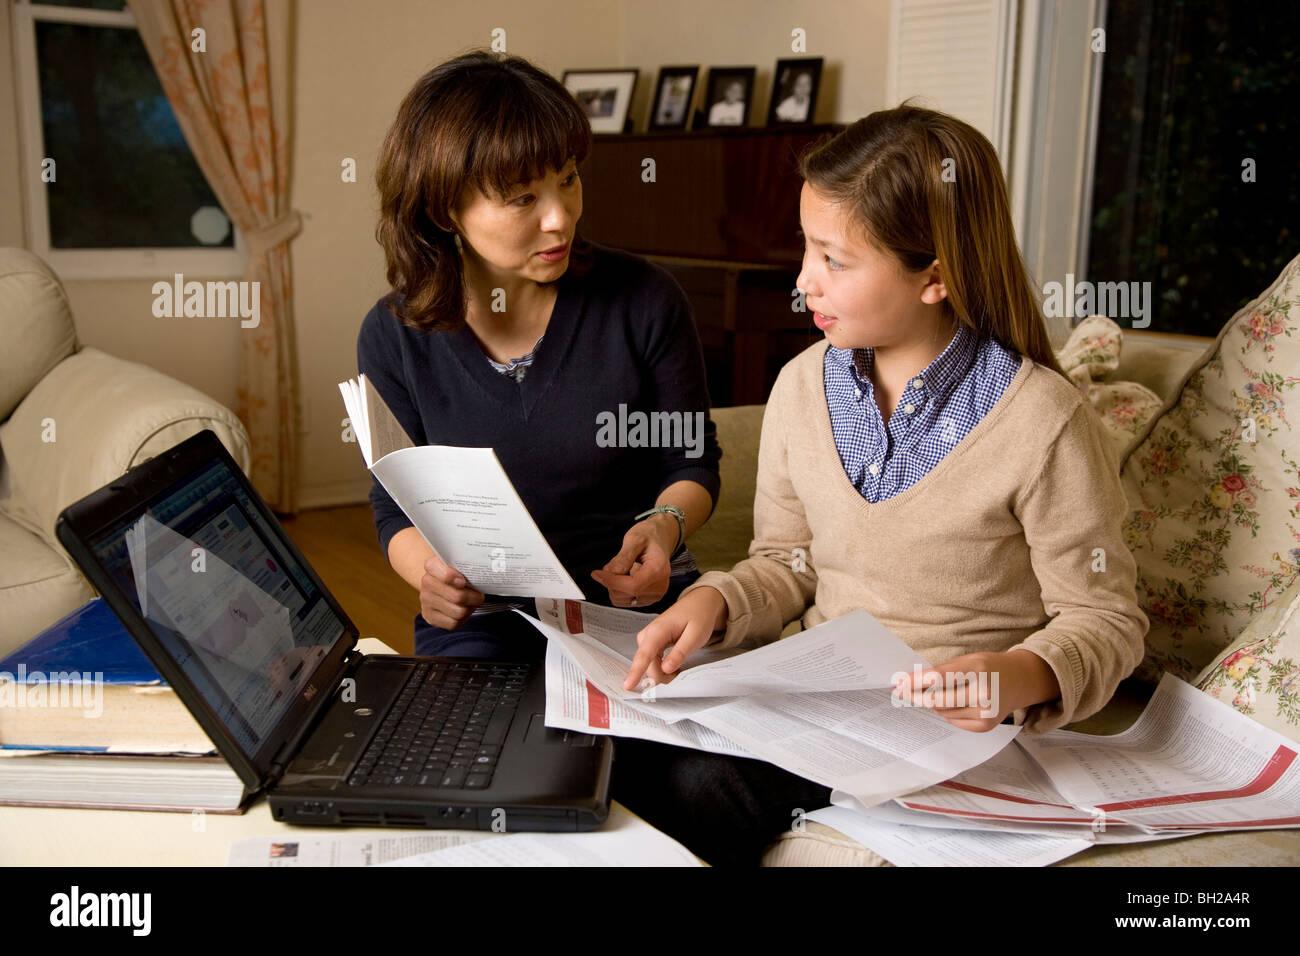 Koreanischen Mutter Tochter Koreanisch/weiß mit Computer investieren und investieren Berichte zu Hause reden. Stockfoto